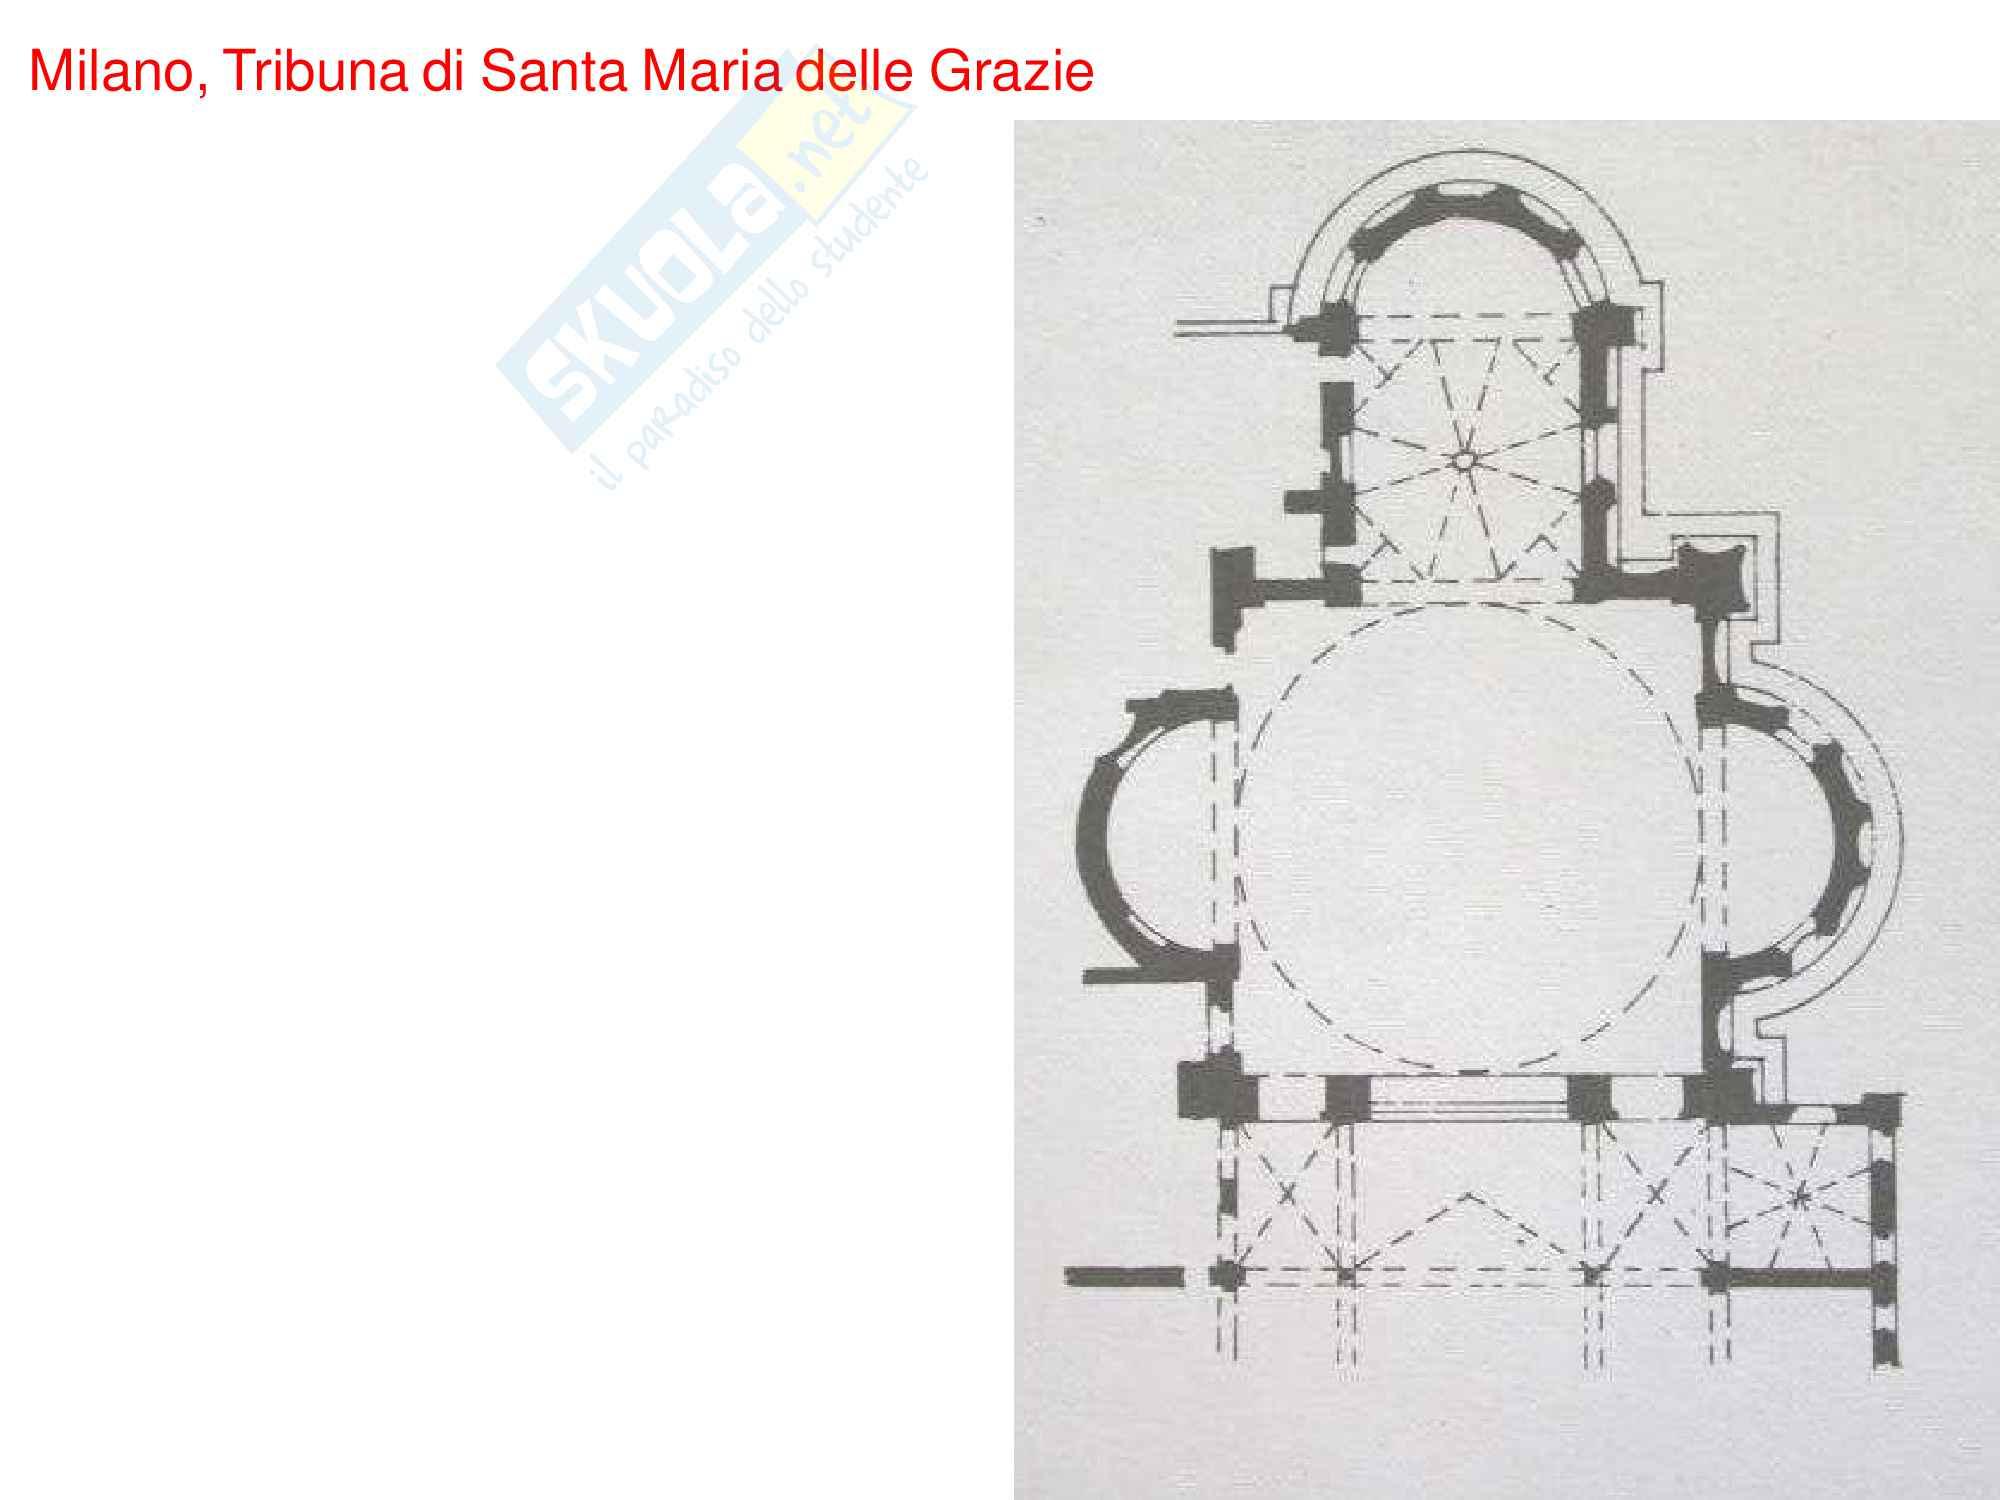 Storia dell'architettura e delle Tecniche Costruttive - Temi d'esame svolti Pag. 31